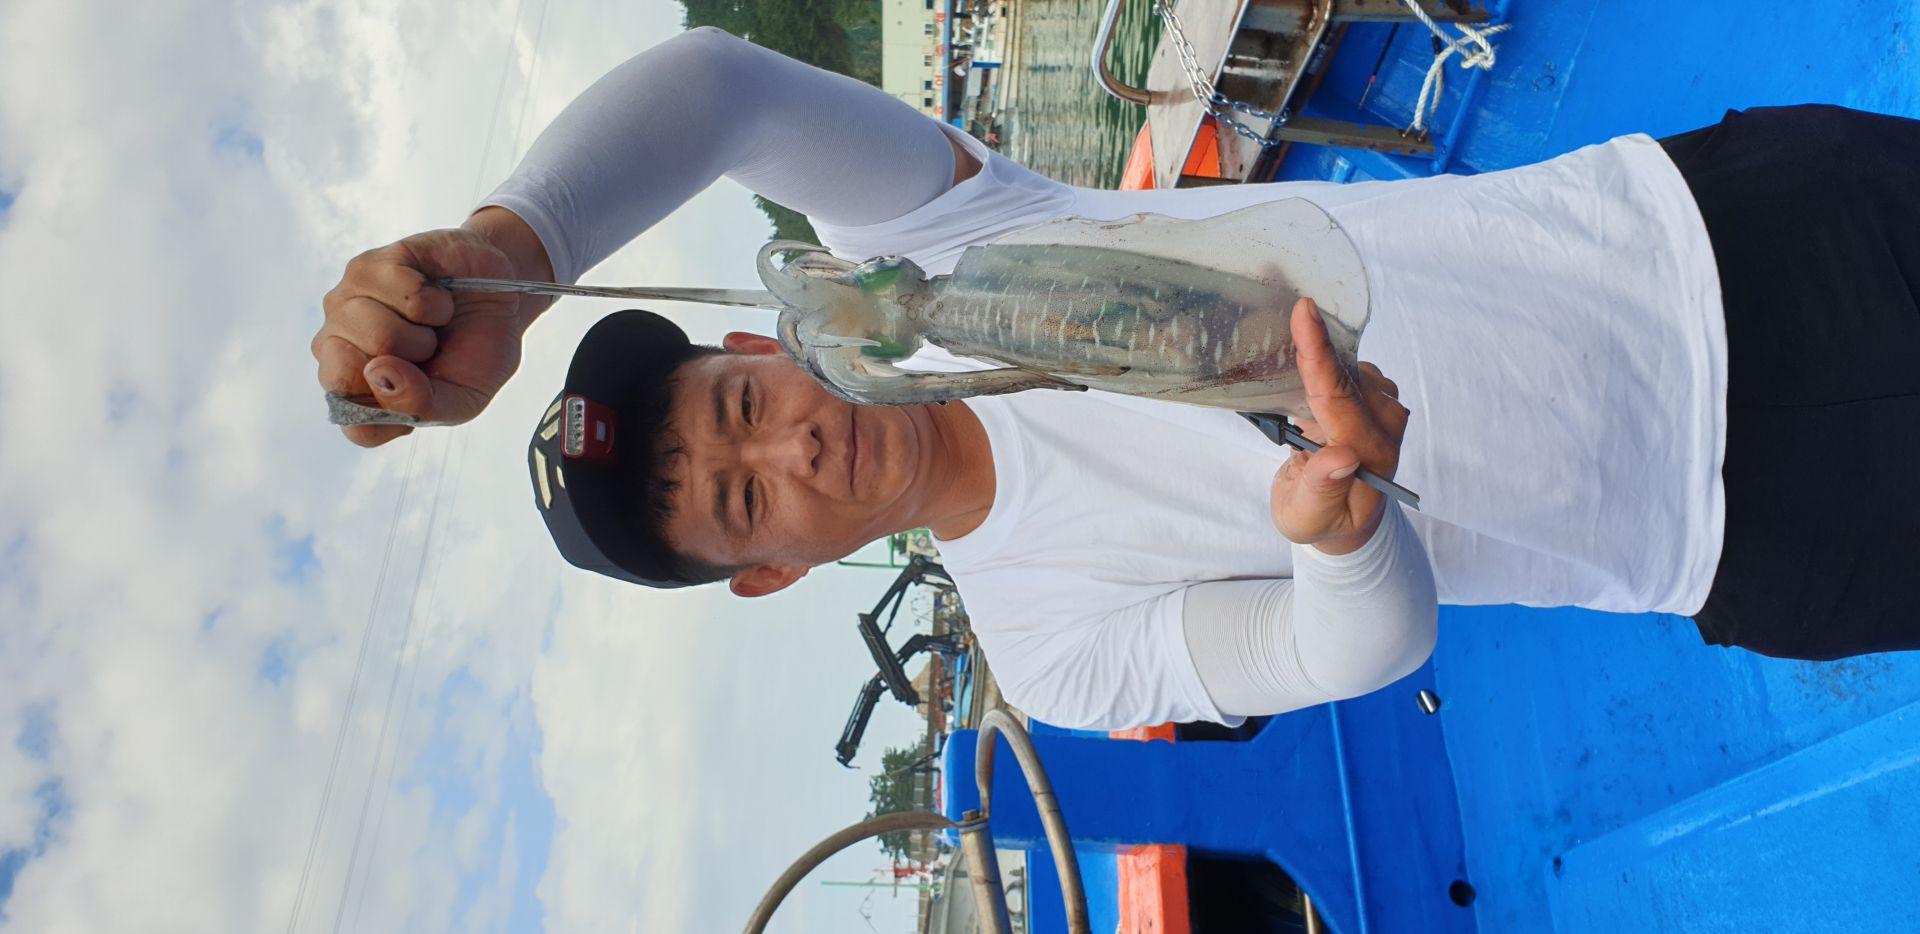 8윌29일 무늬오징어 조황